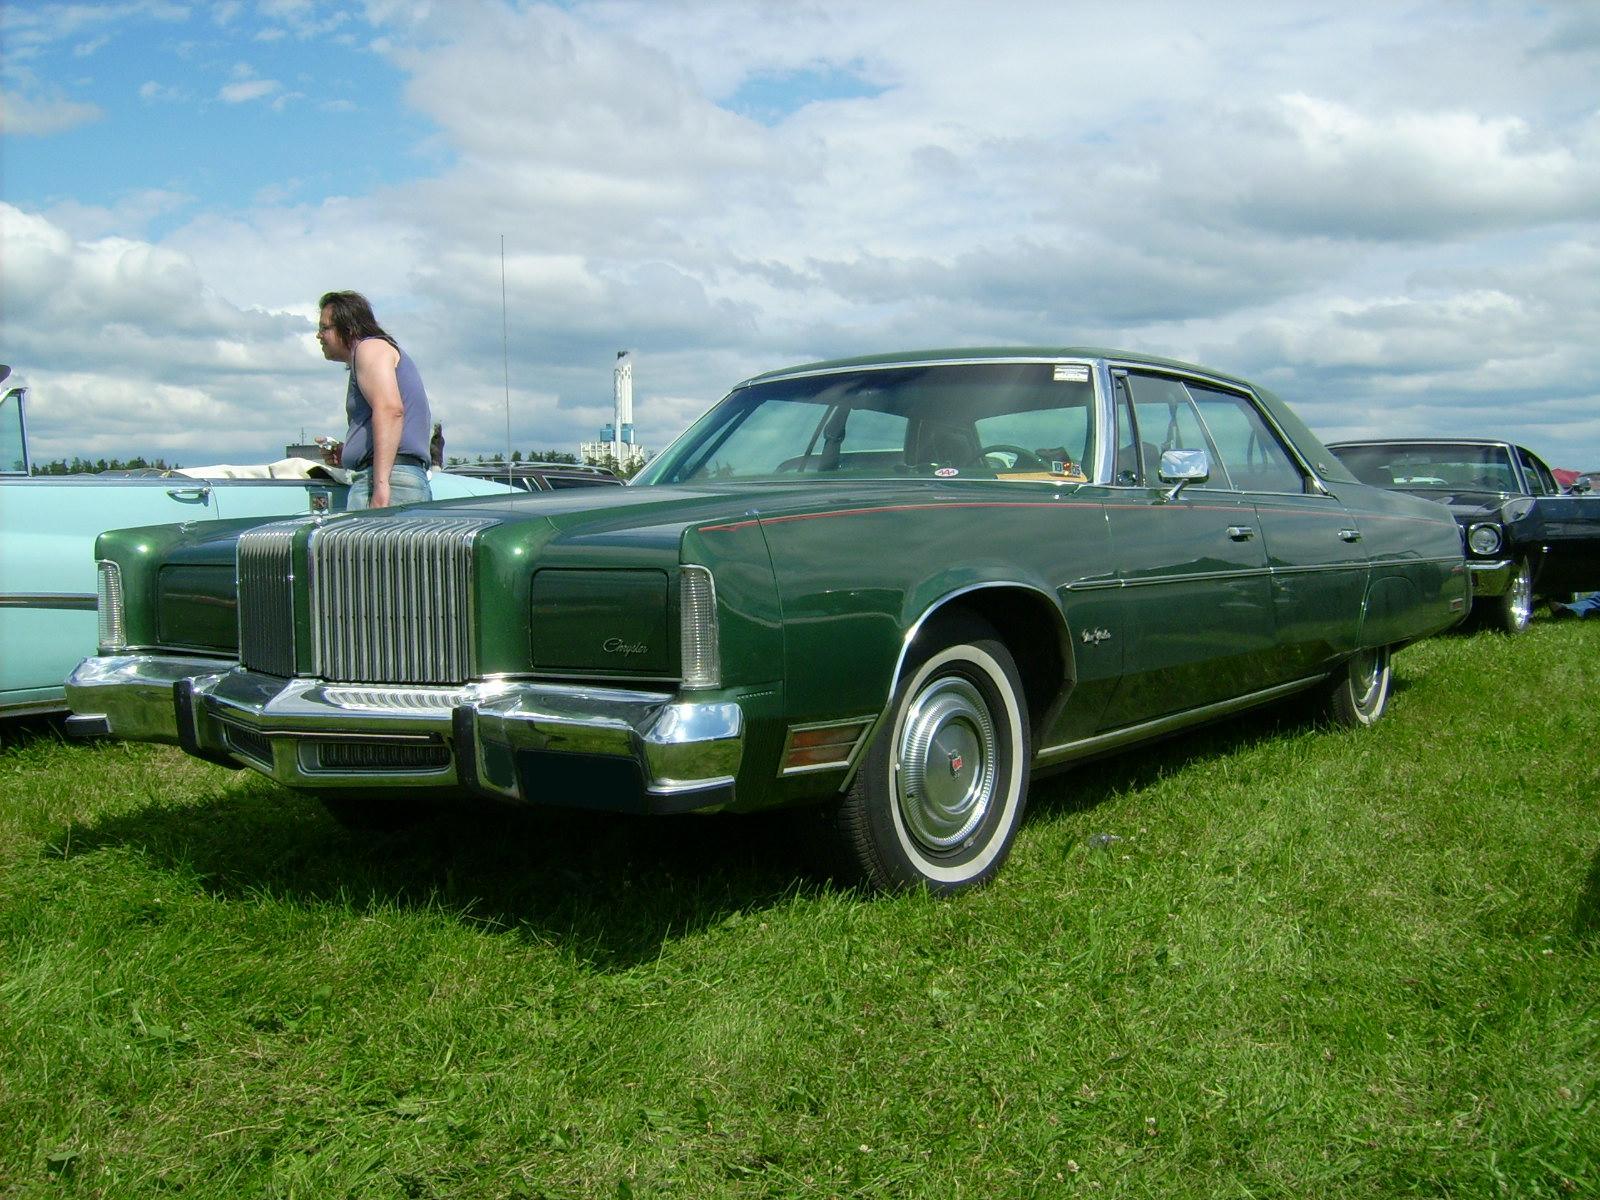 File:1976 Chrysler New Yorker